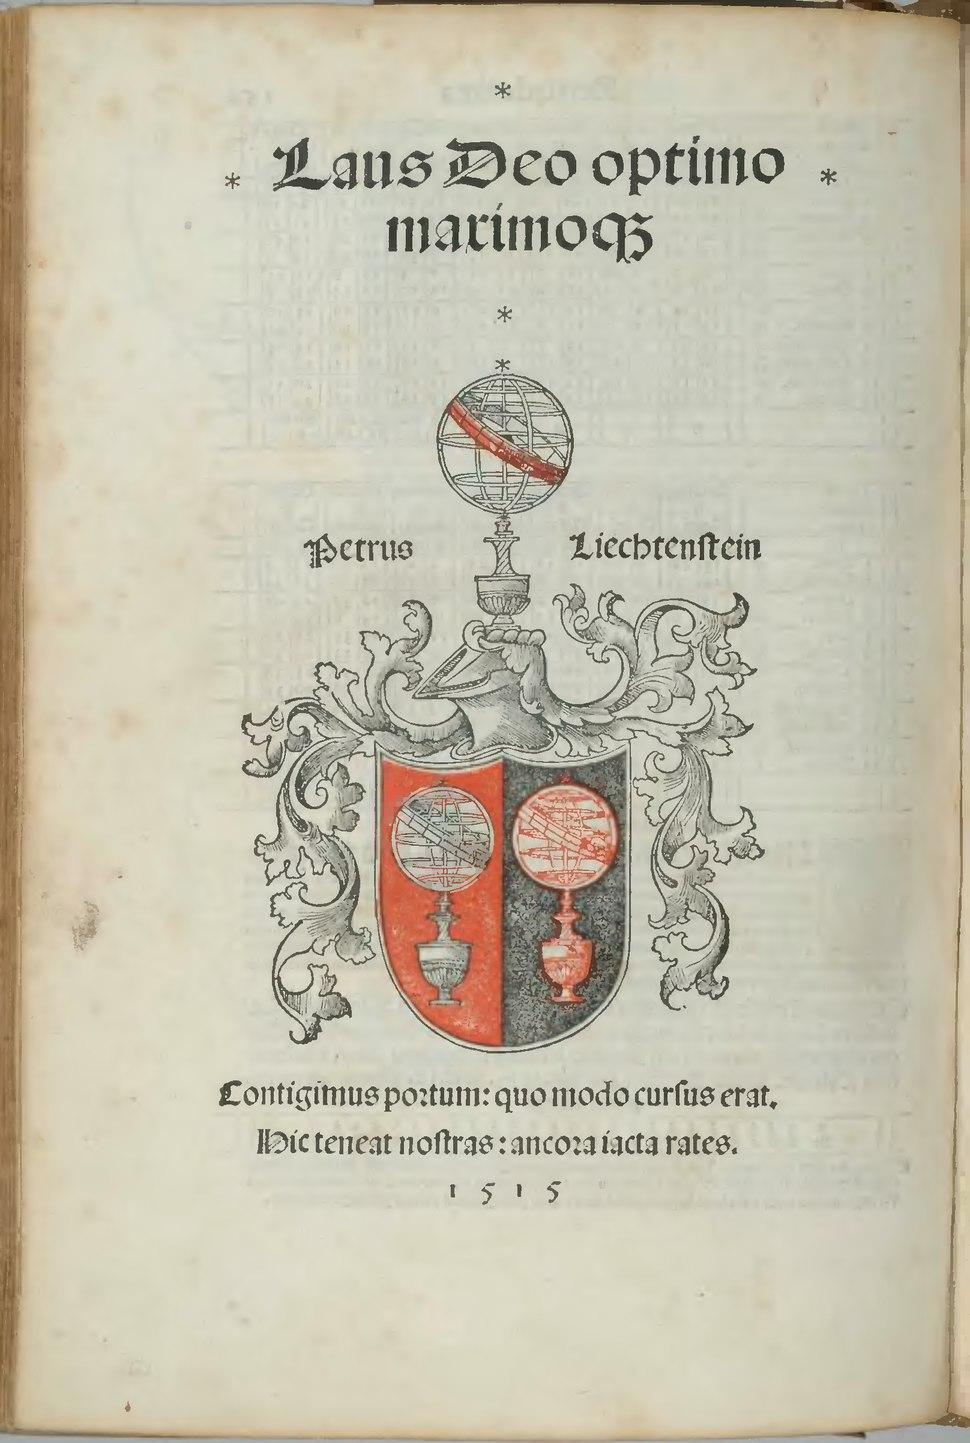 Claudius Ptolemaeus, Almagestum, 1515.djvu&page=309